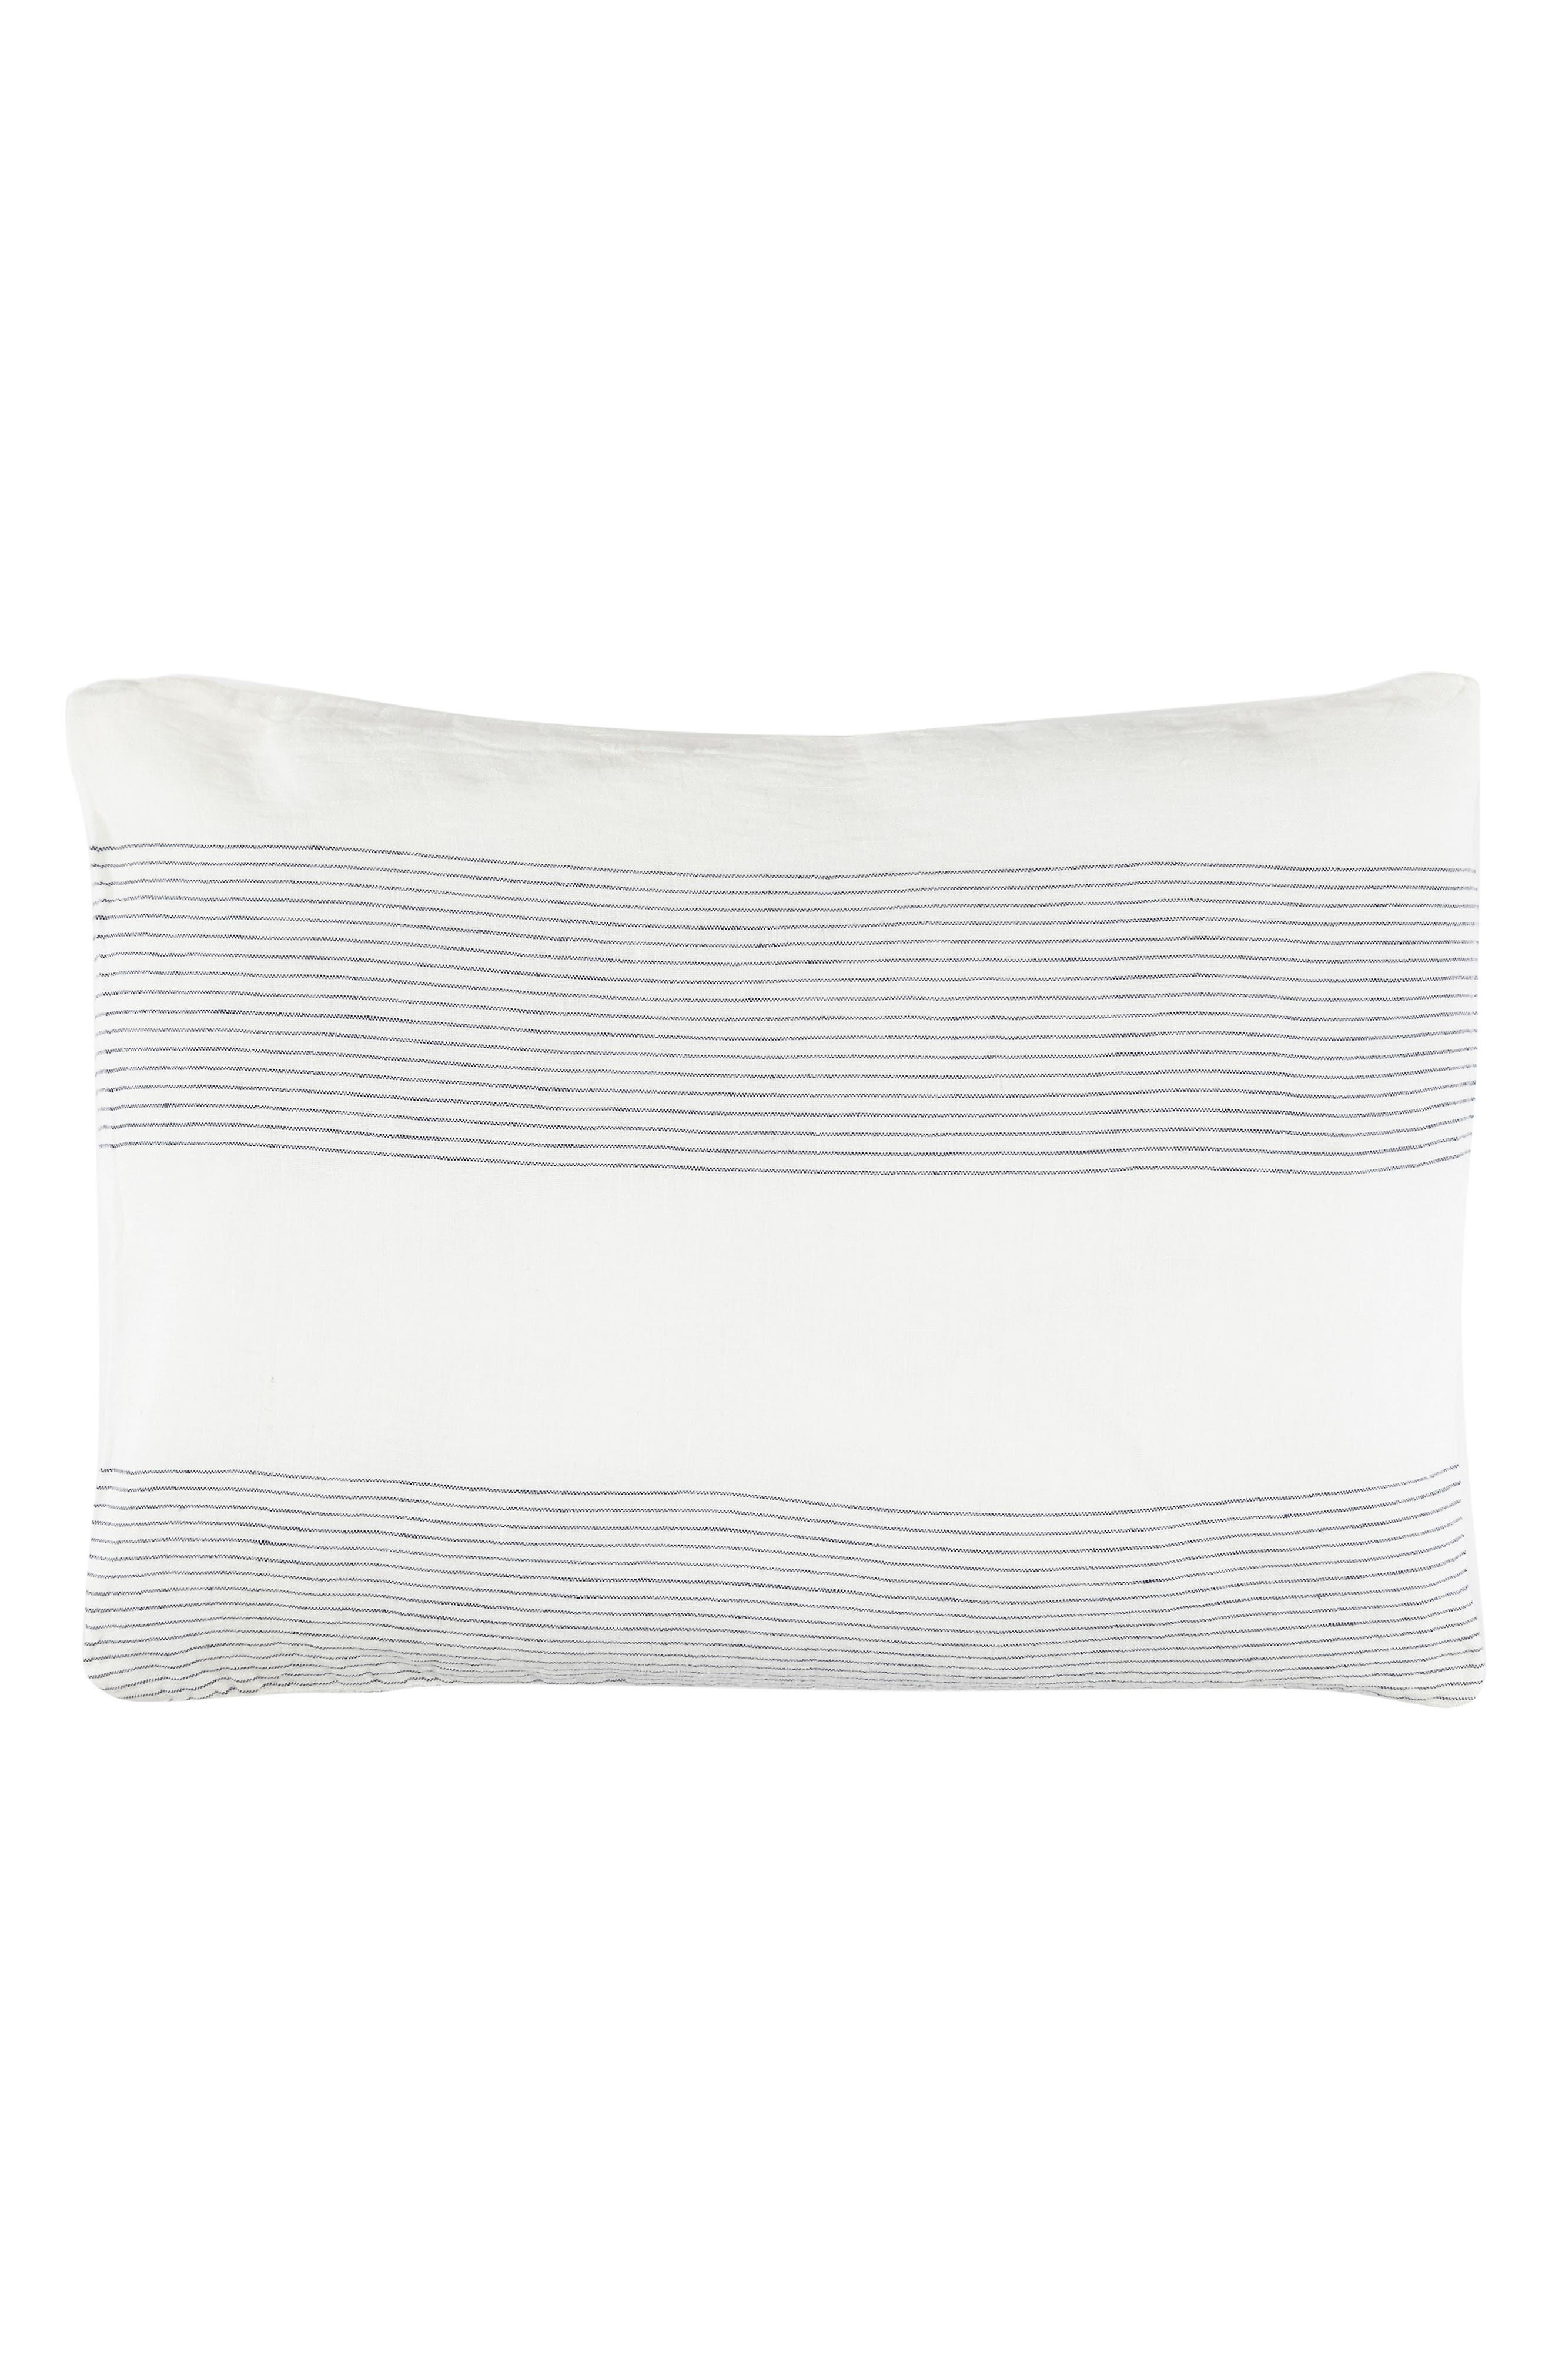 KASSATEX Amagansett Linen Accent Pillow